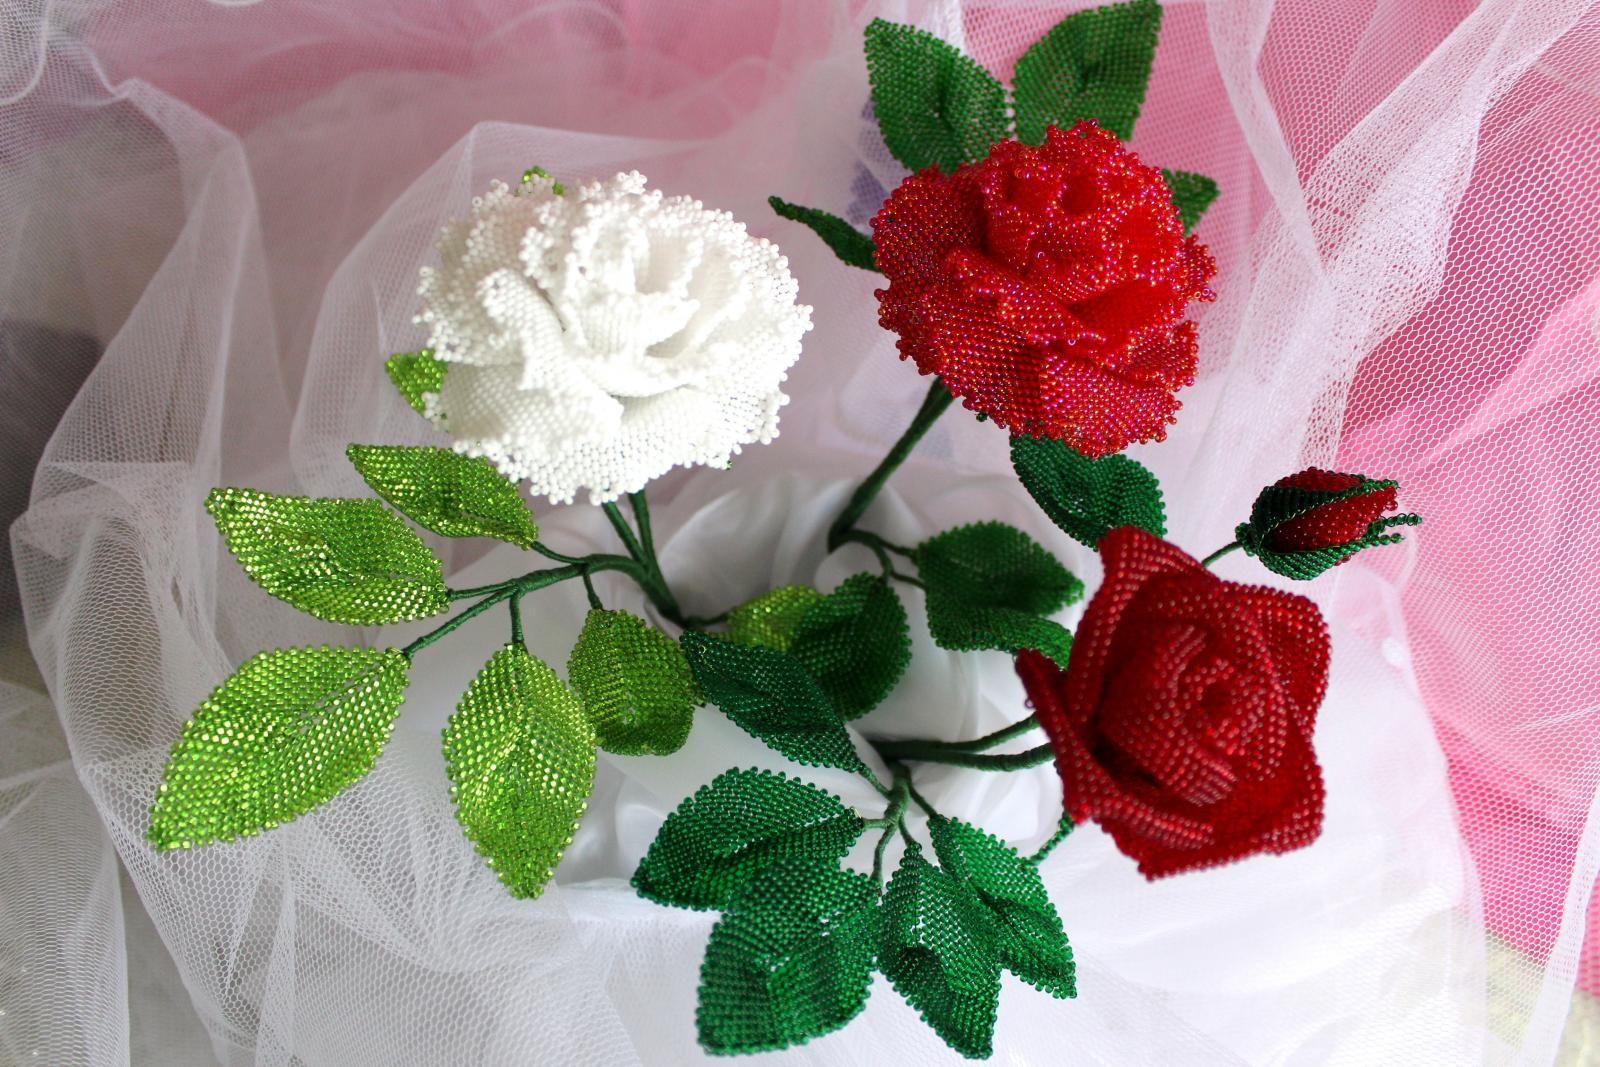 очень красивый букет роз из бисера раздел